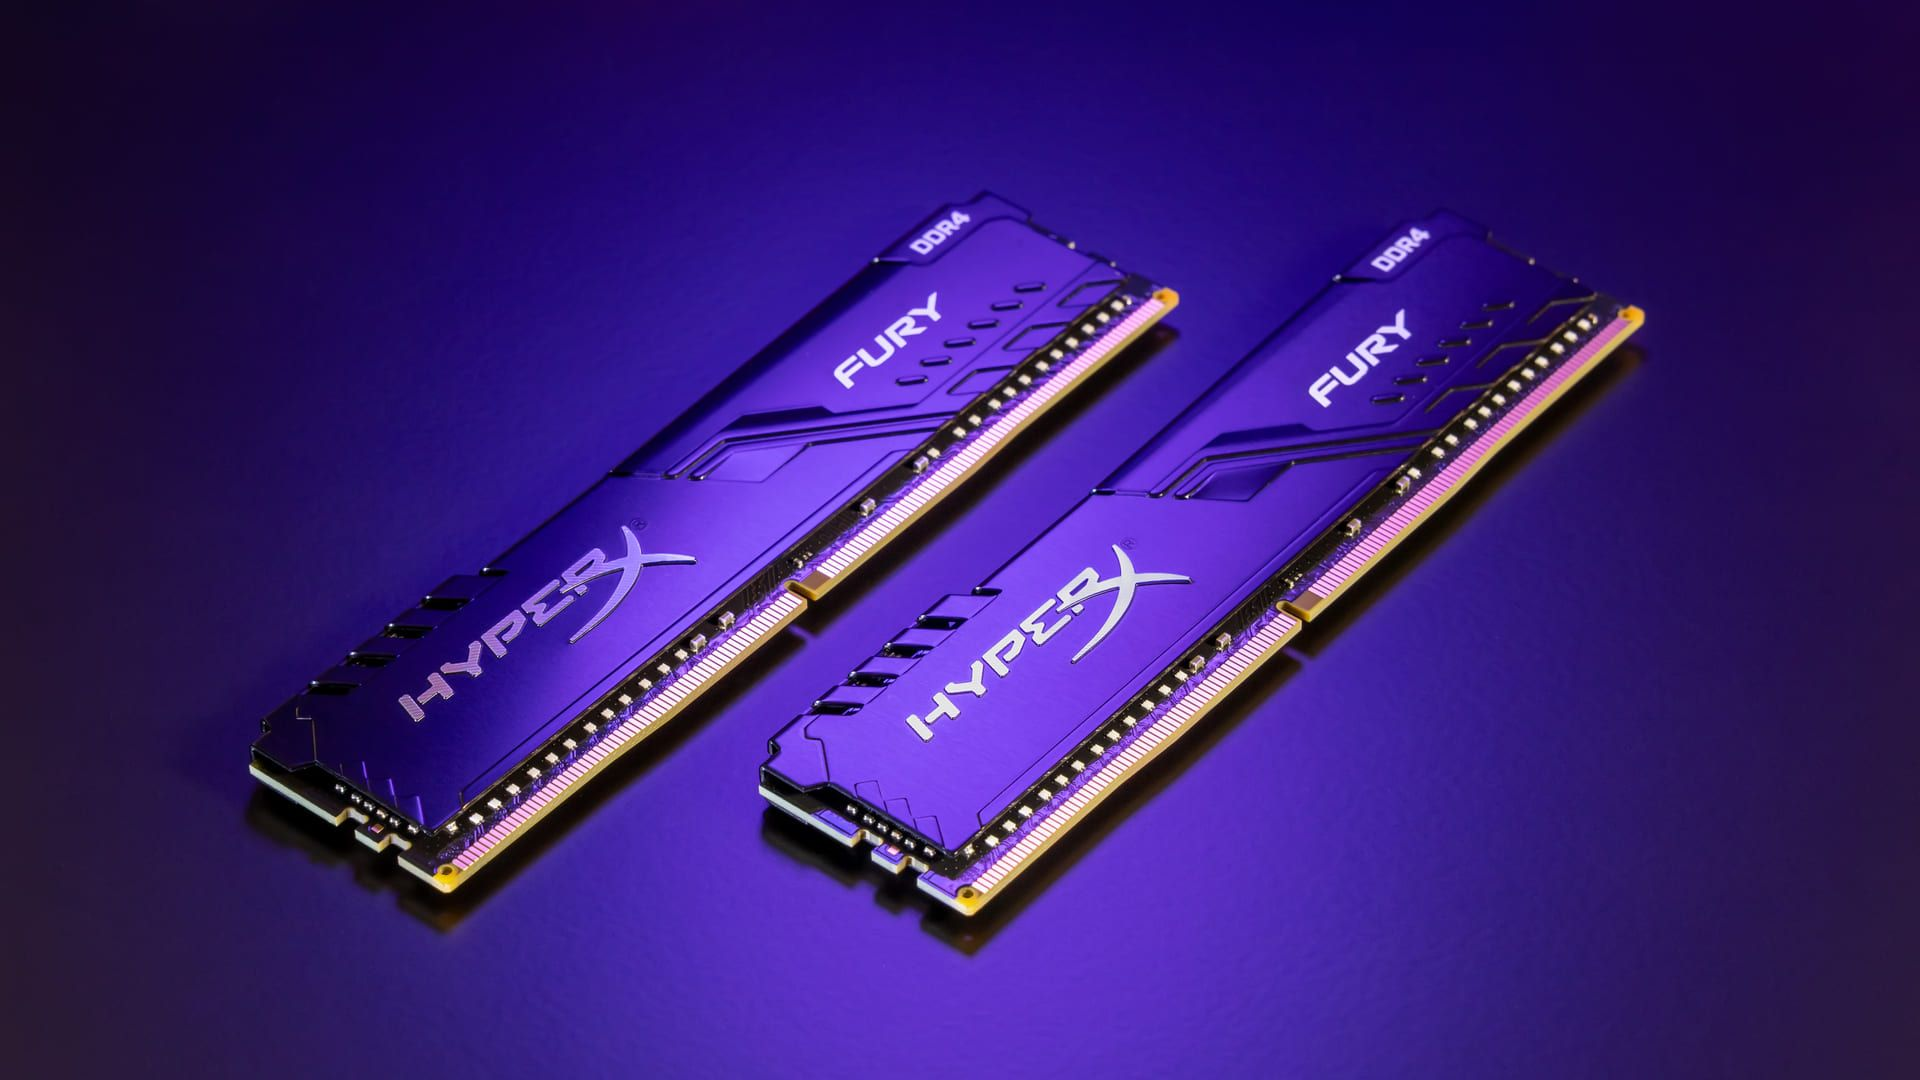 HyperX é uma das principais marcas de memória RAM à venda no Brasil (Foto: Hodim/Shutterstock.com)